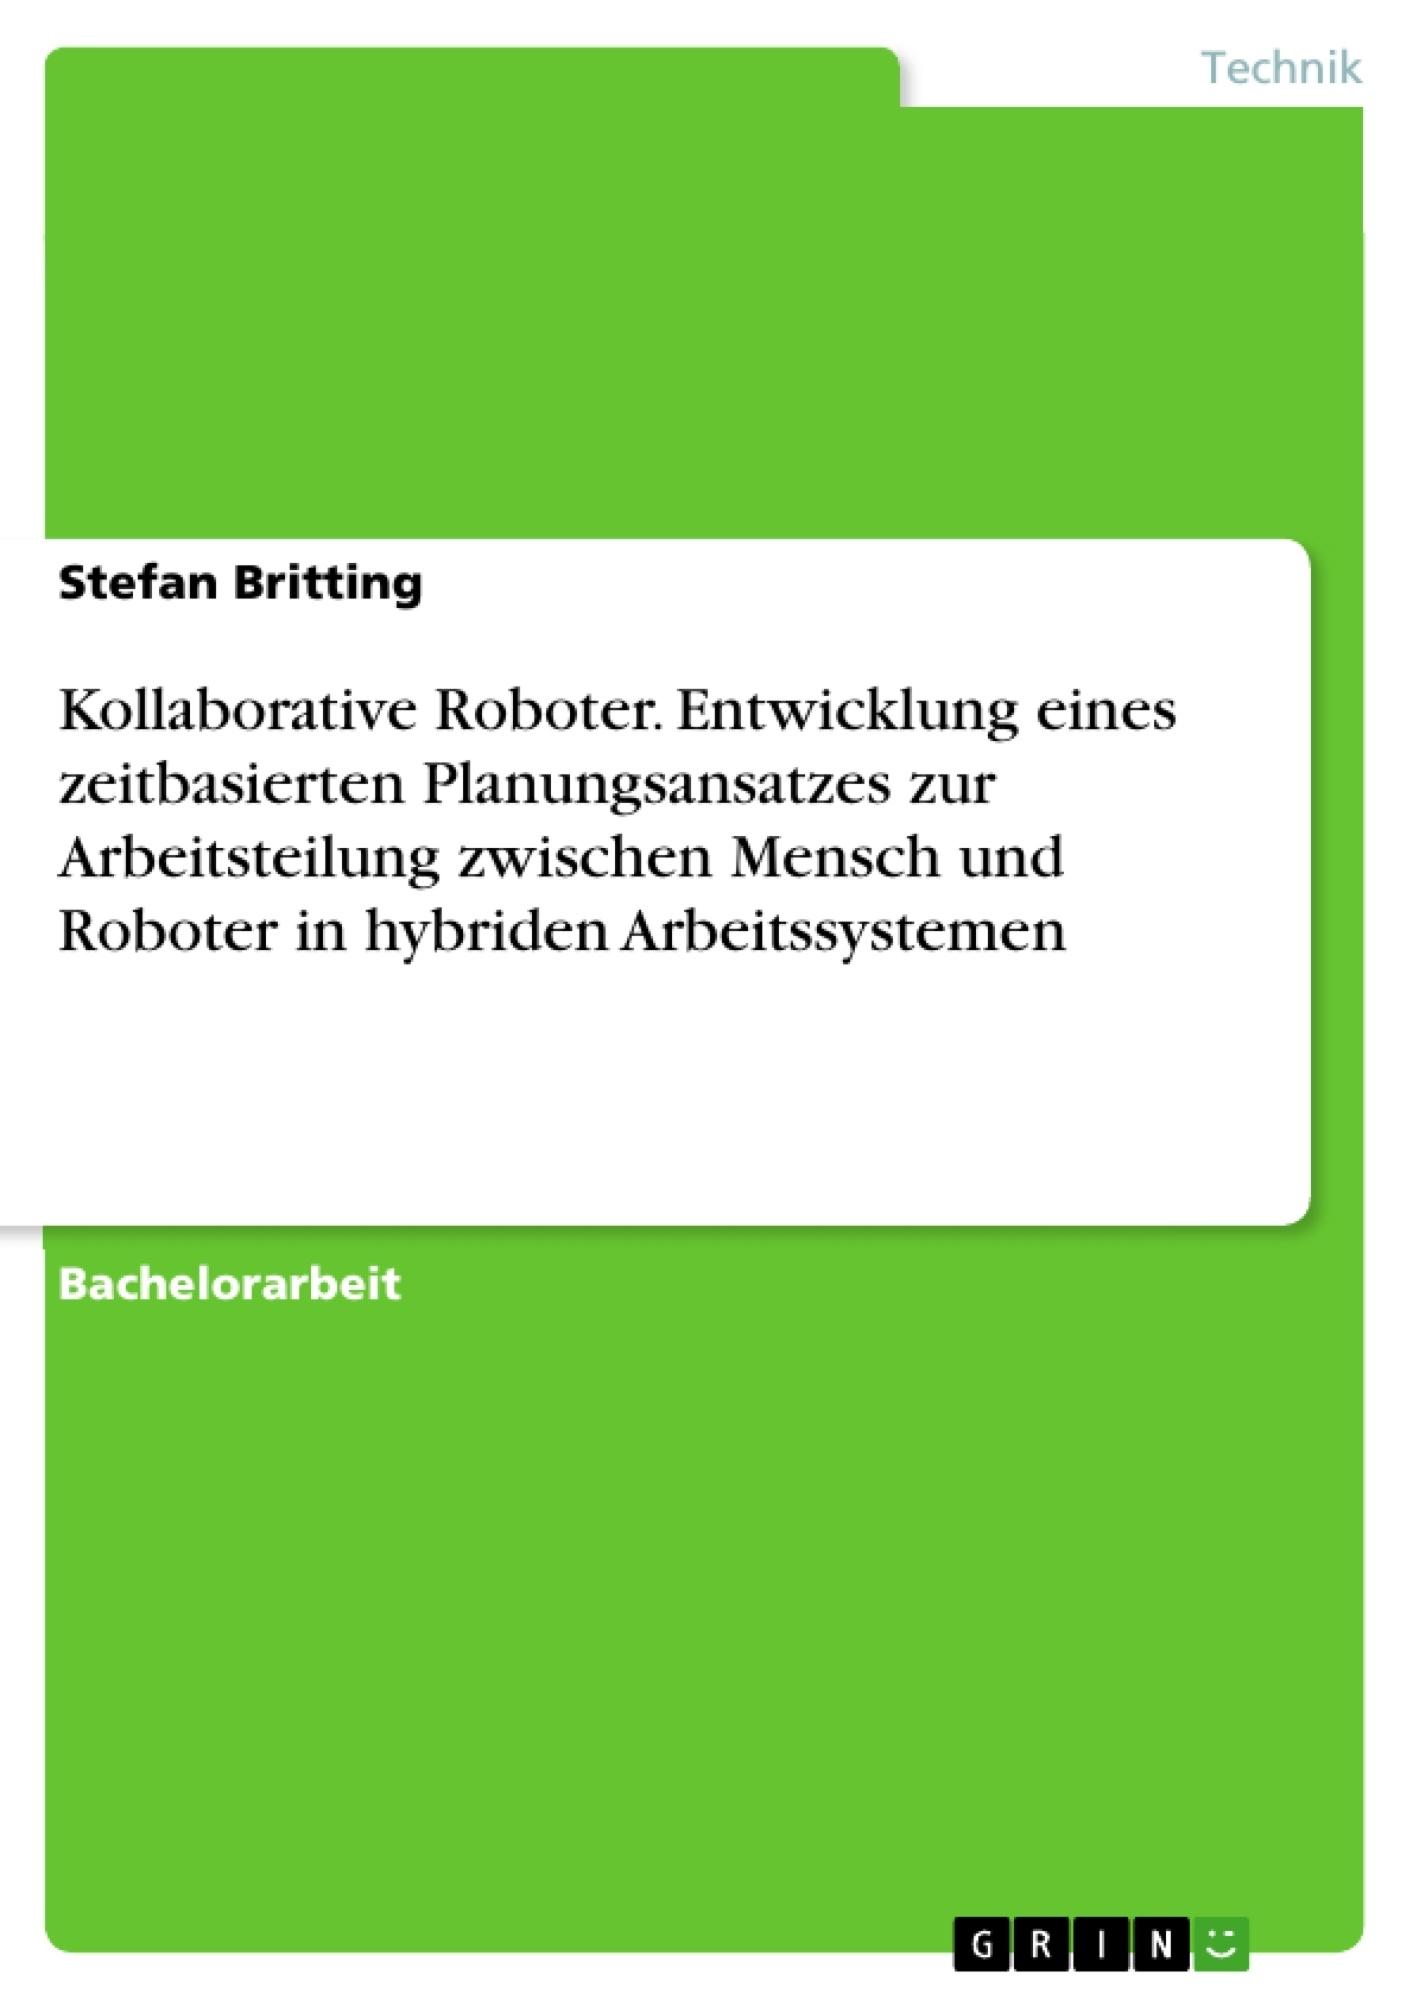 Titel: Kollaborative Roboter. Entwicklung eines zeitbasierten Planungsansatzes zur Arbeitsteilung zwischen Mensch und Roboter in hybriden Arbeitssystemen